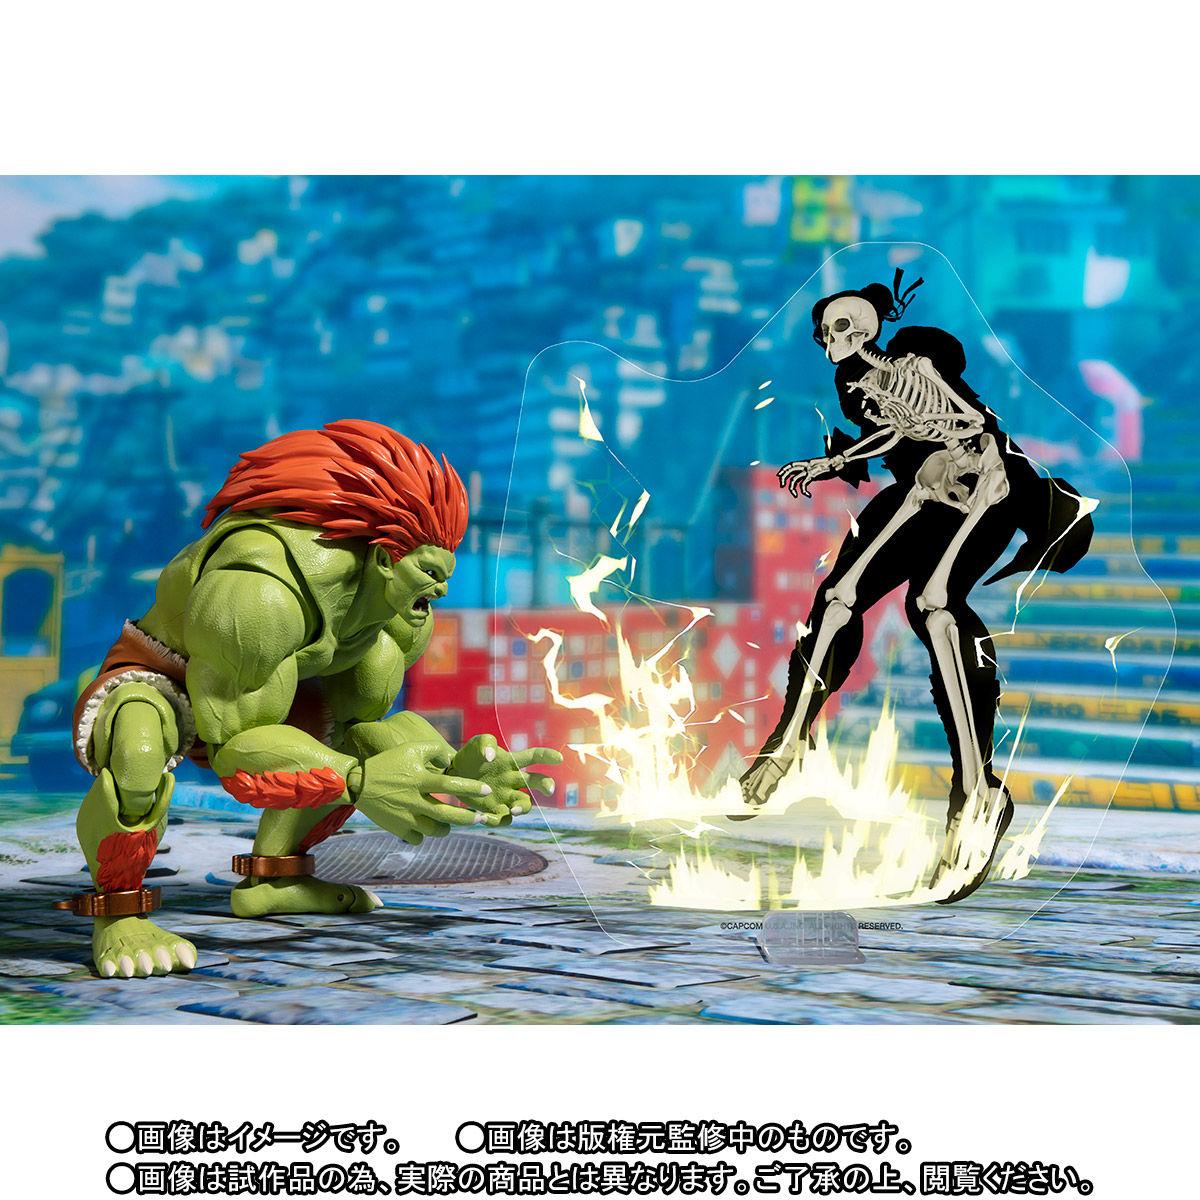 S.H.フィギュアーツ『ブランカ』ストリートファイターシリーズ 可動フィギュア-006